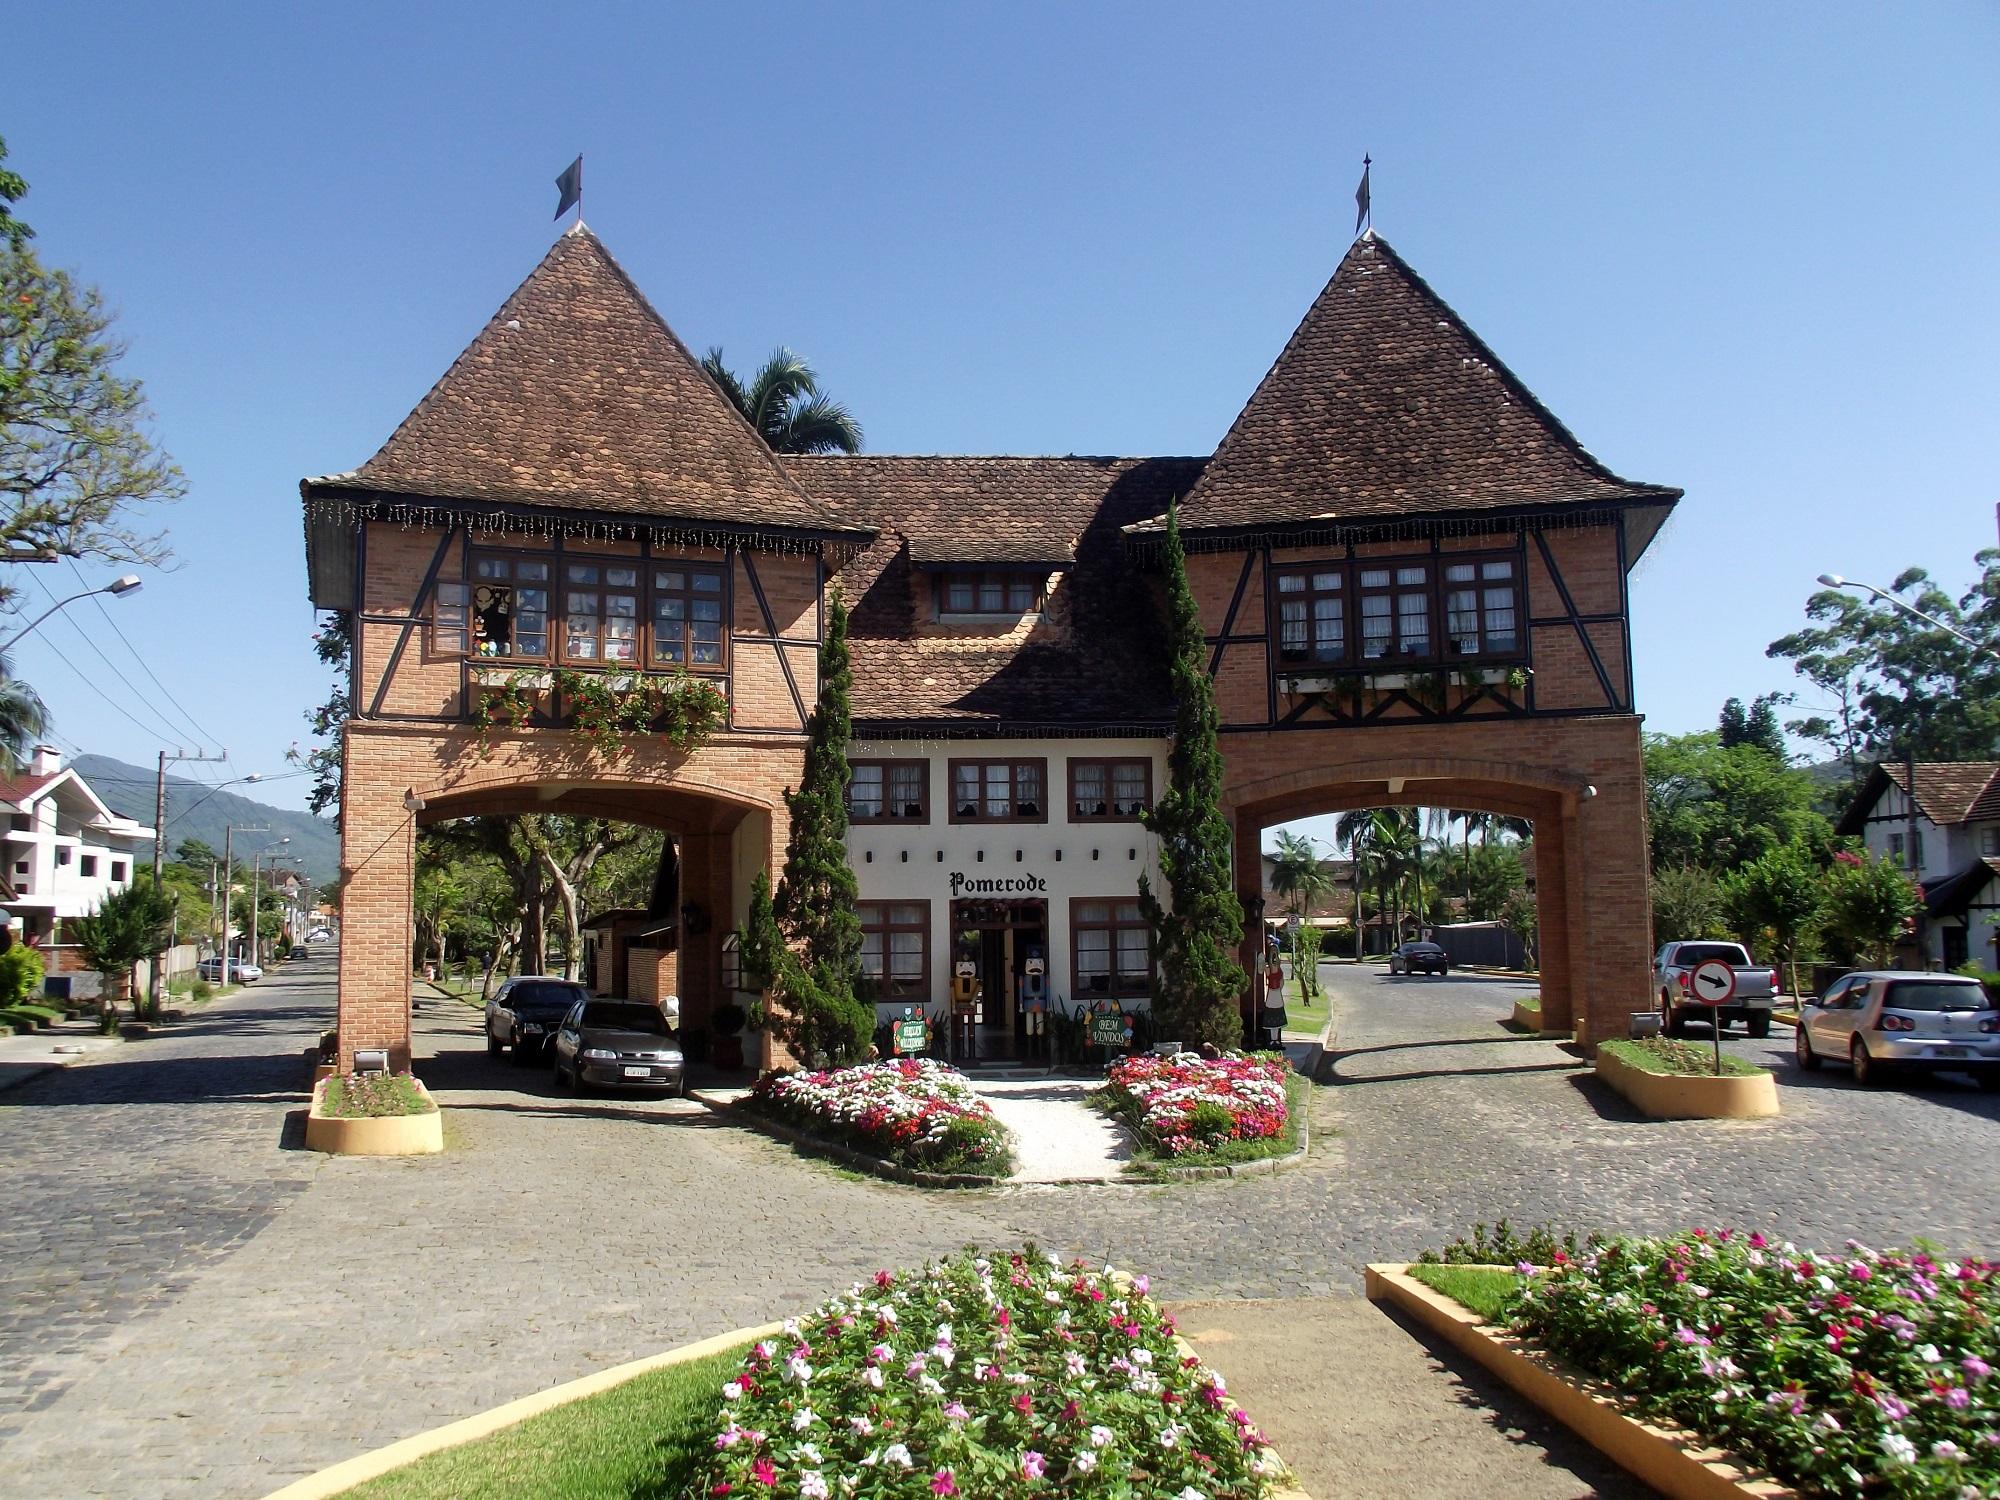 Pomerode - Uma encantadora Alemanha em Santa Catarina